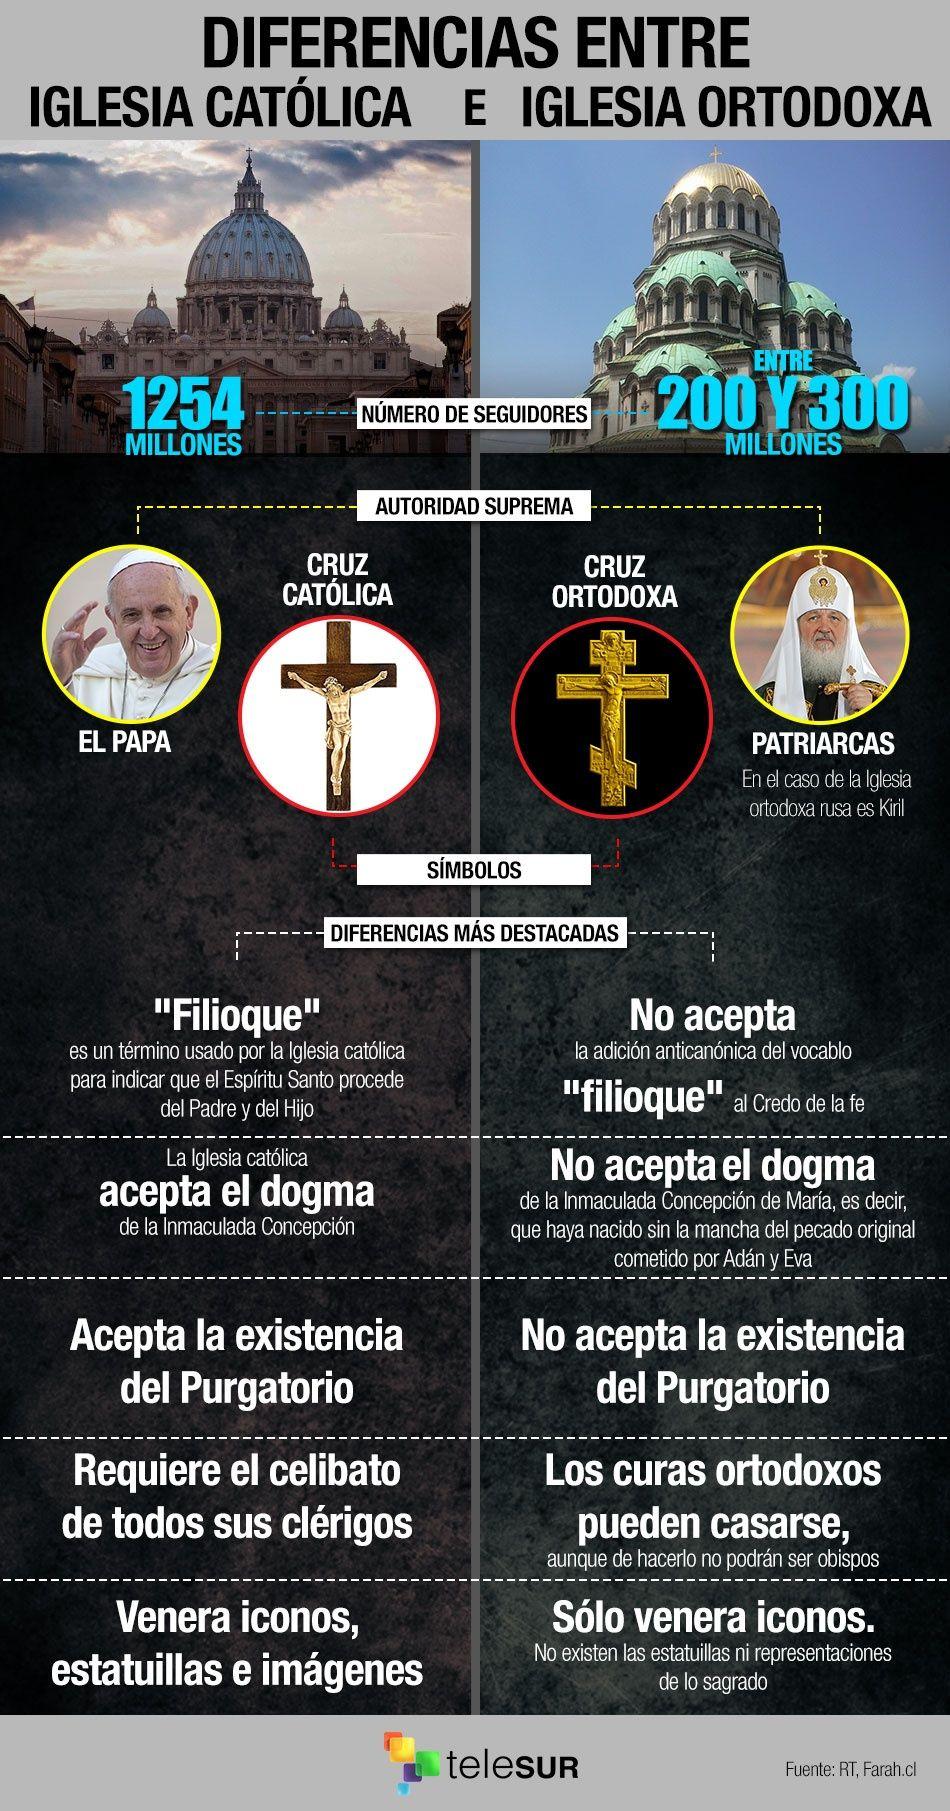 Matrimonio Entre Catolico Y Ortodoxo : Diferencias entre la iglesia católica y